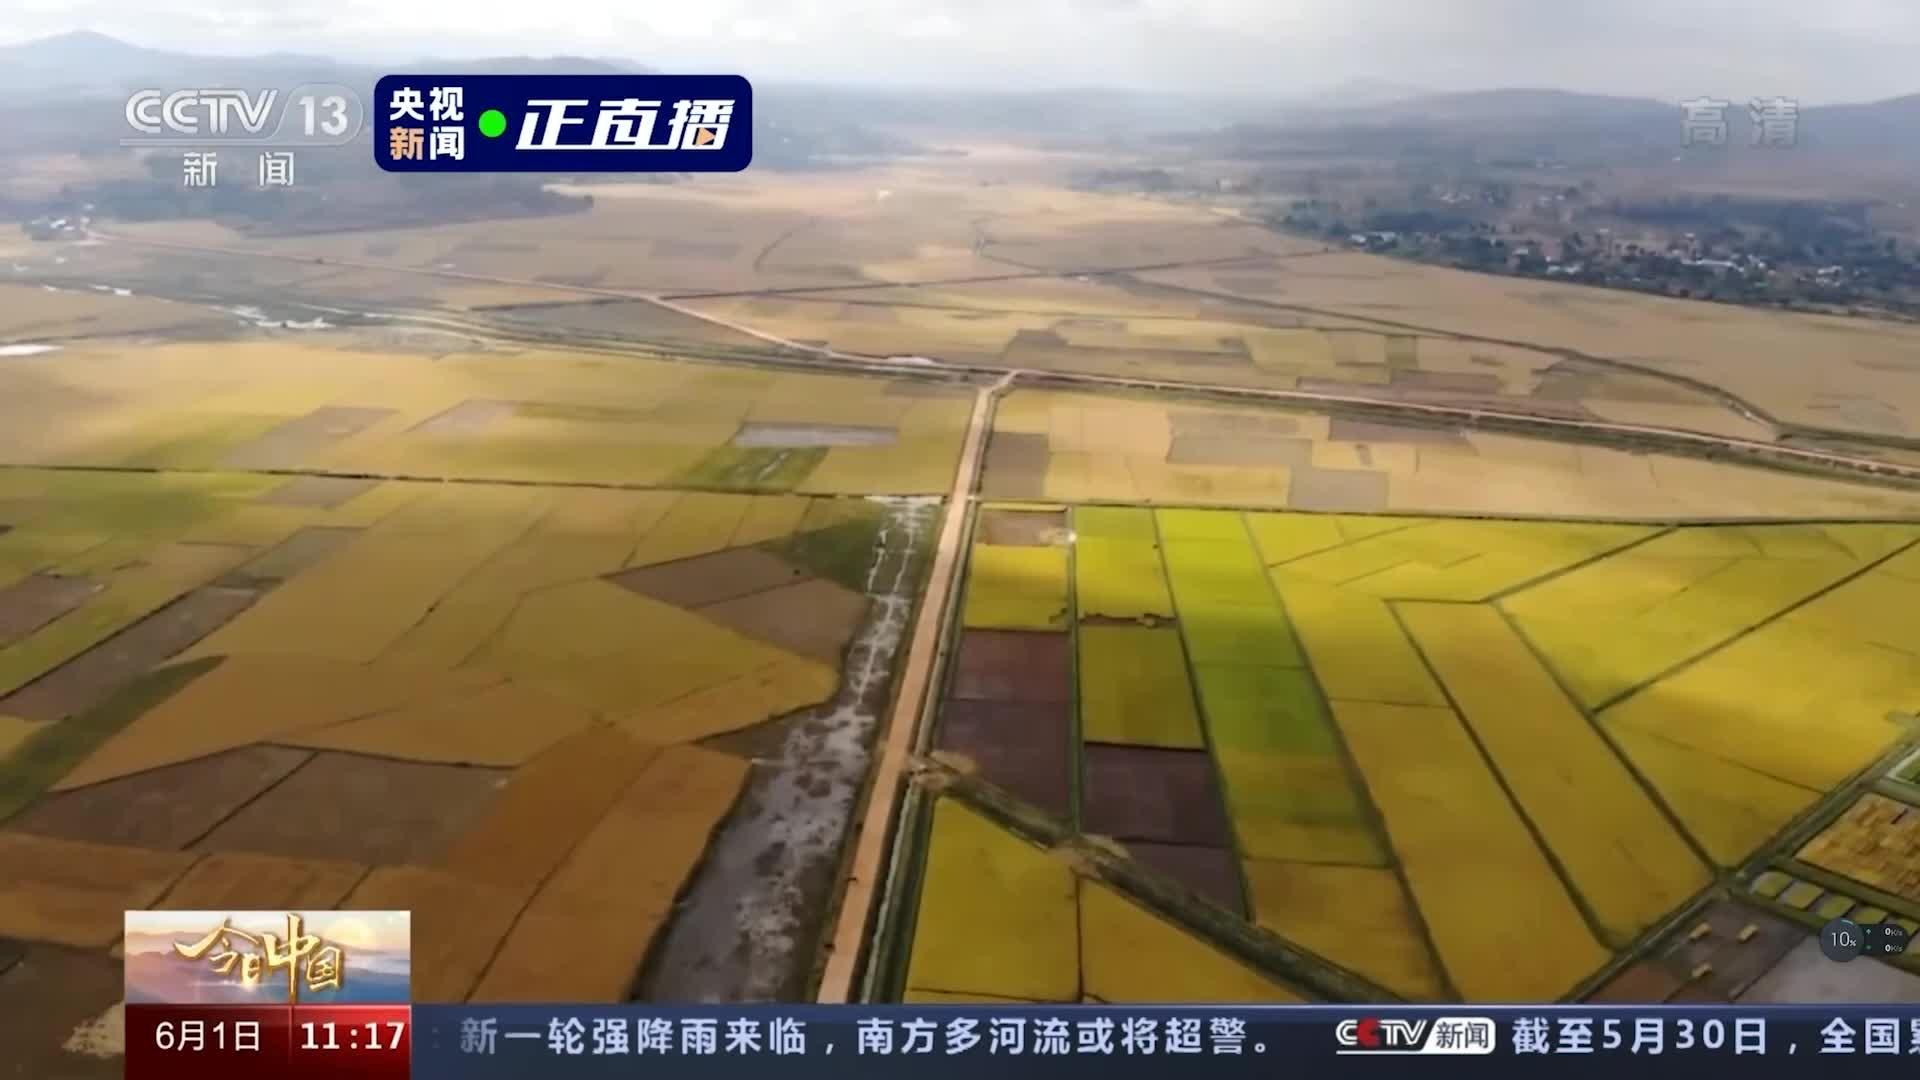 今日中国·湖南篇㉒丨丰收的喜悦